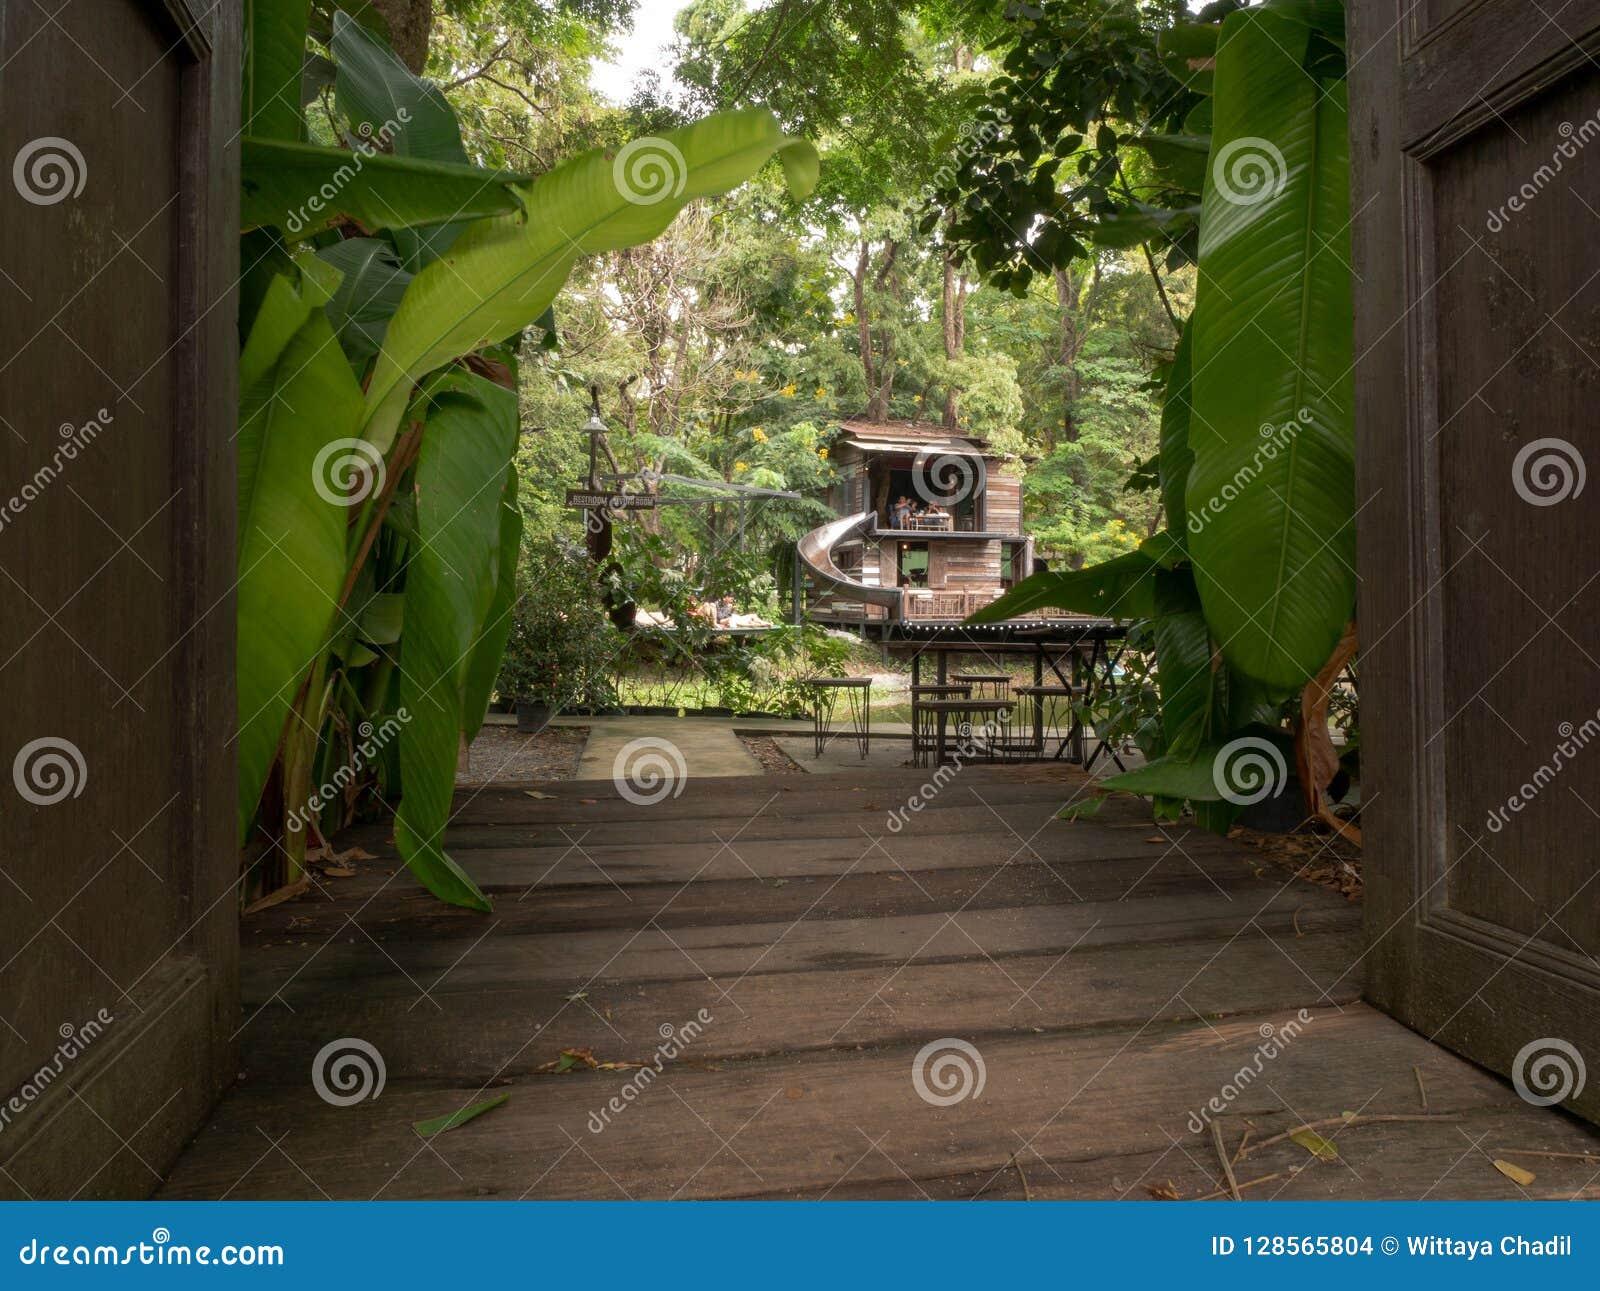 Offene Türen, zum im Garten zu arbeiten Weg und Kaffeestube